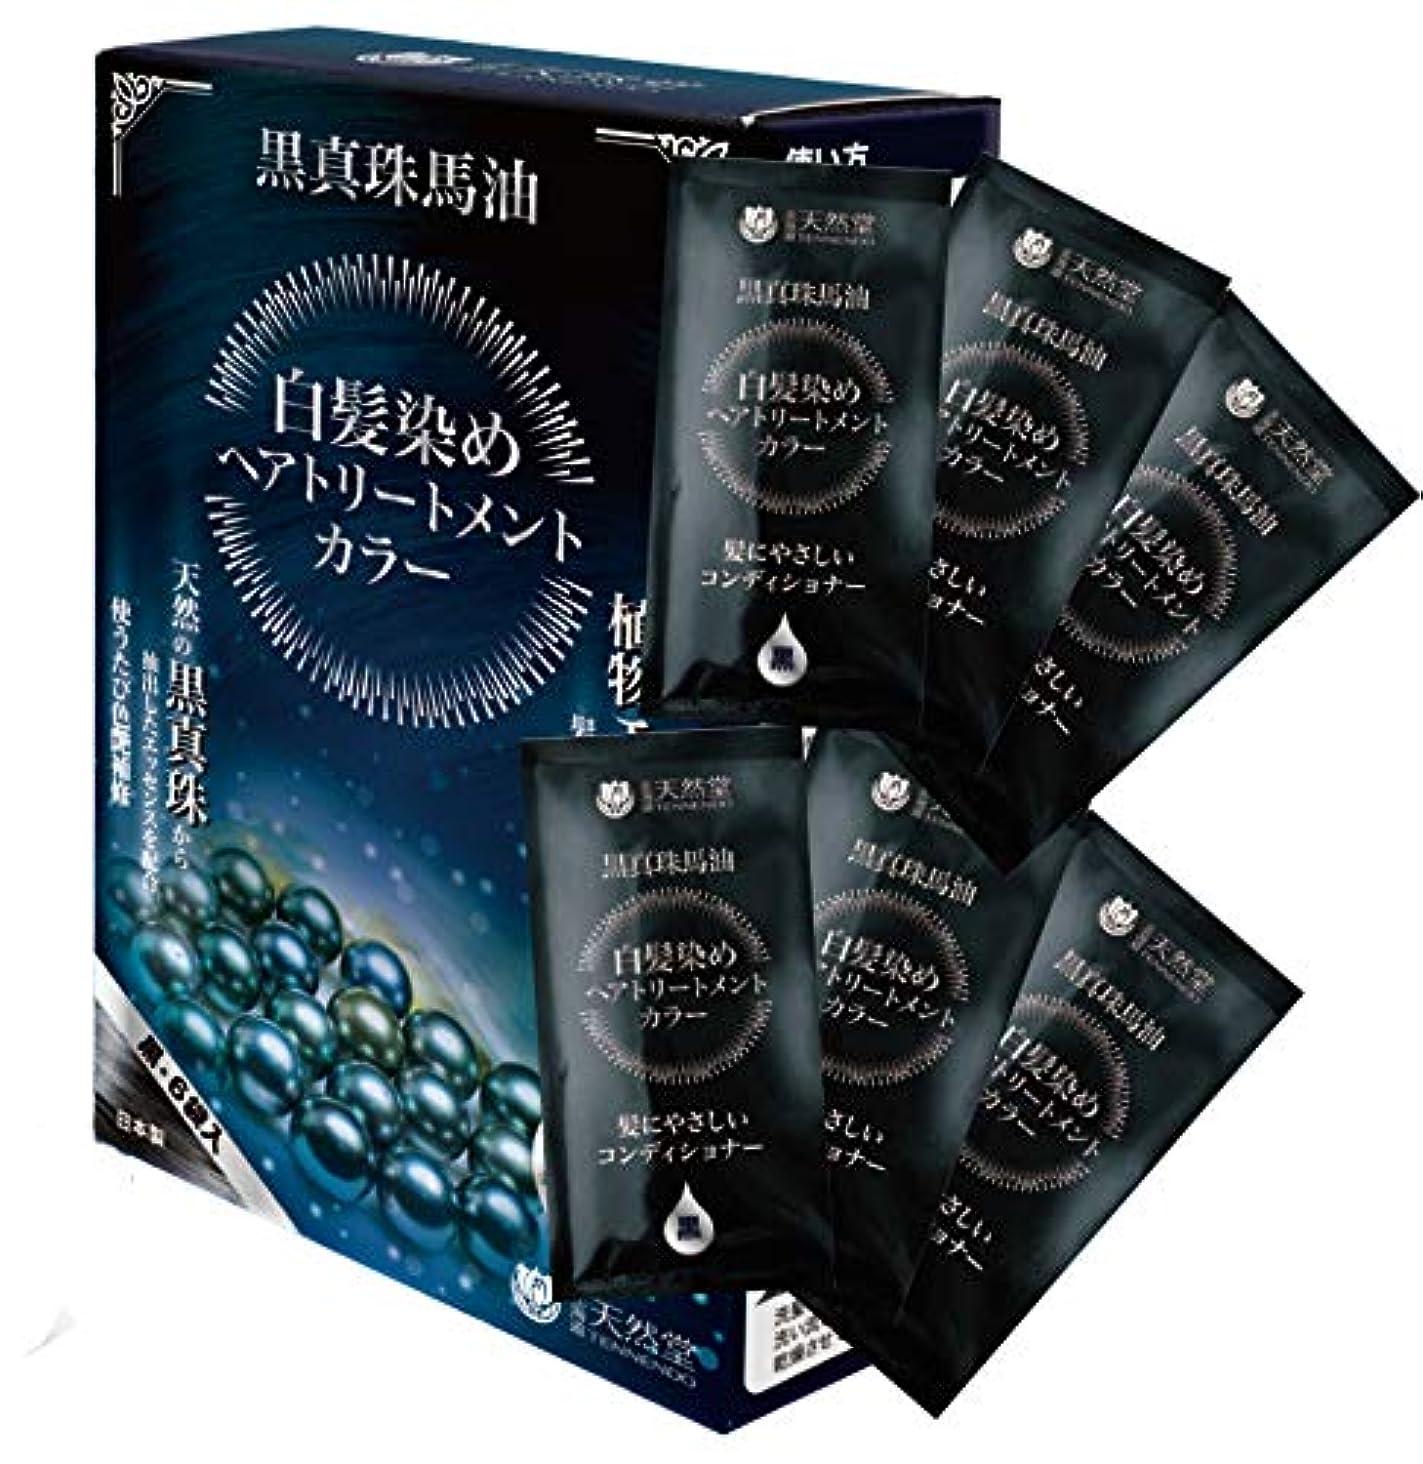 回答チョコレート放置黒真珠馬油 白髪染め へアトリートメントカラー (黒) 20g×6 / 北海道天然堂